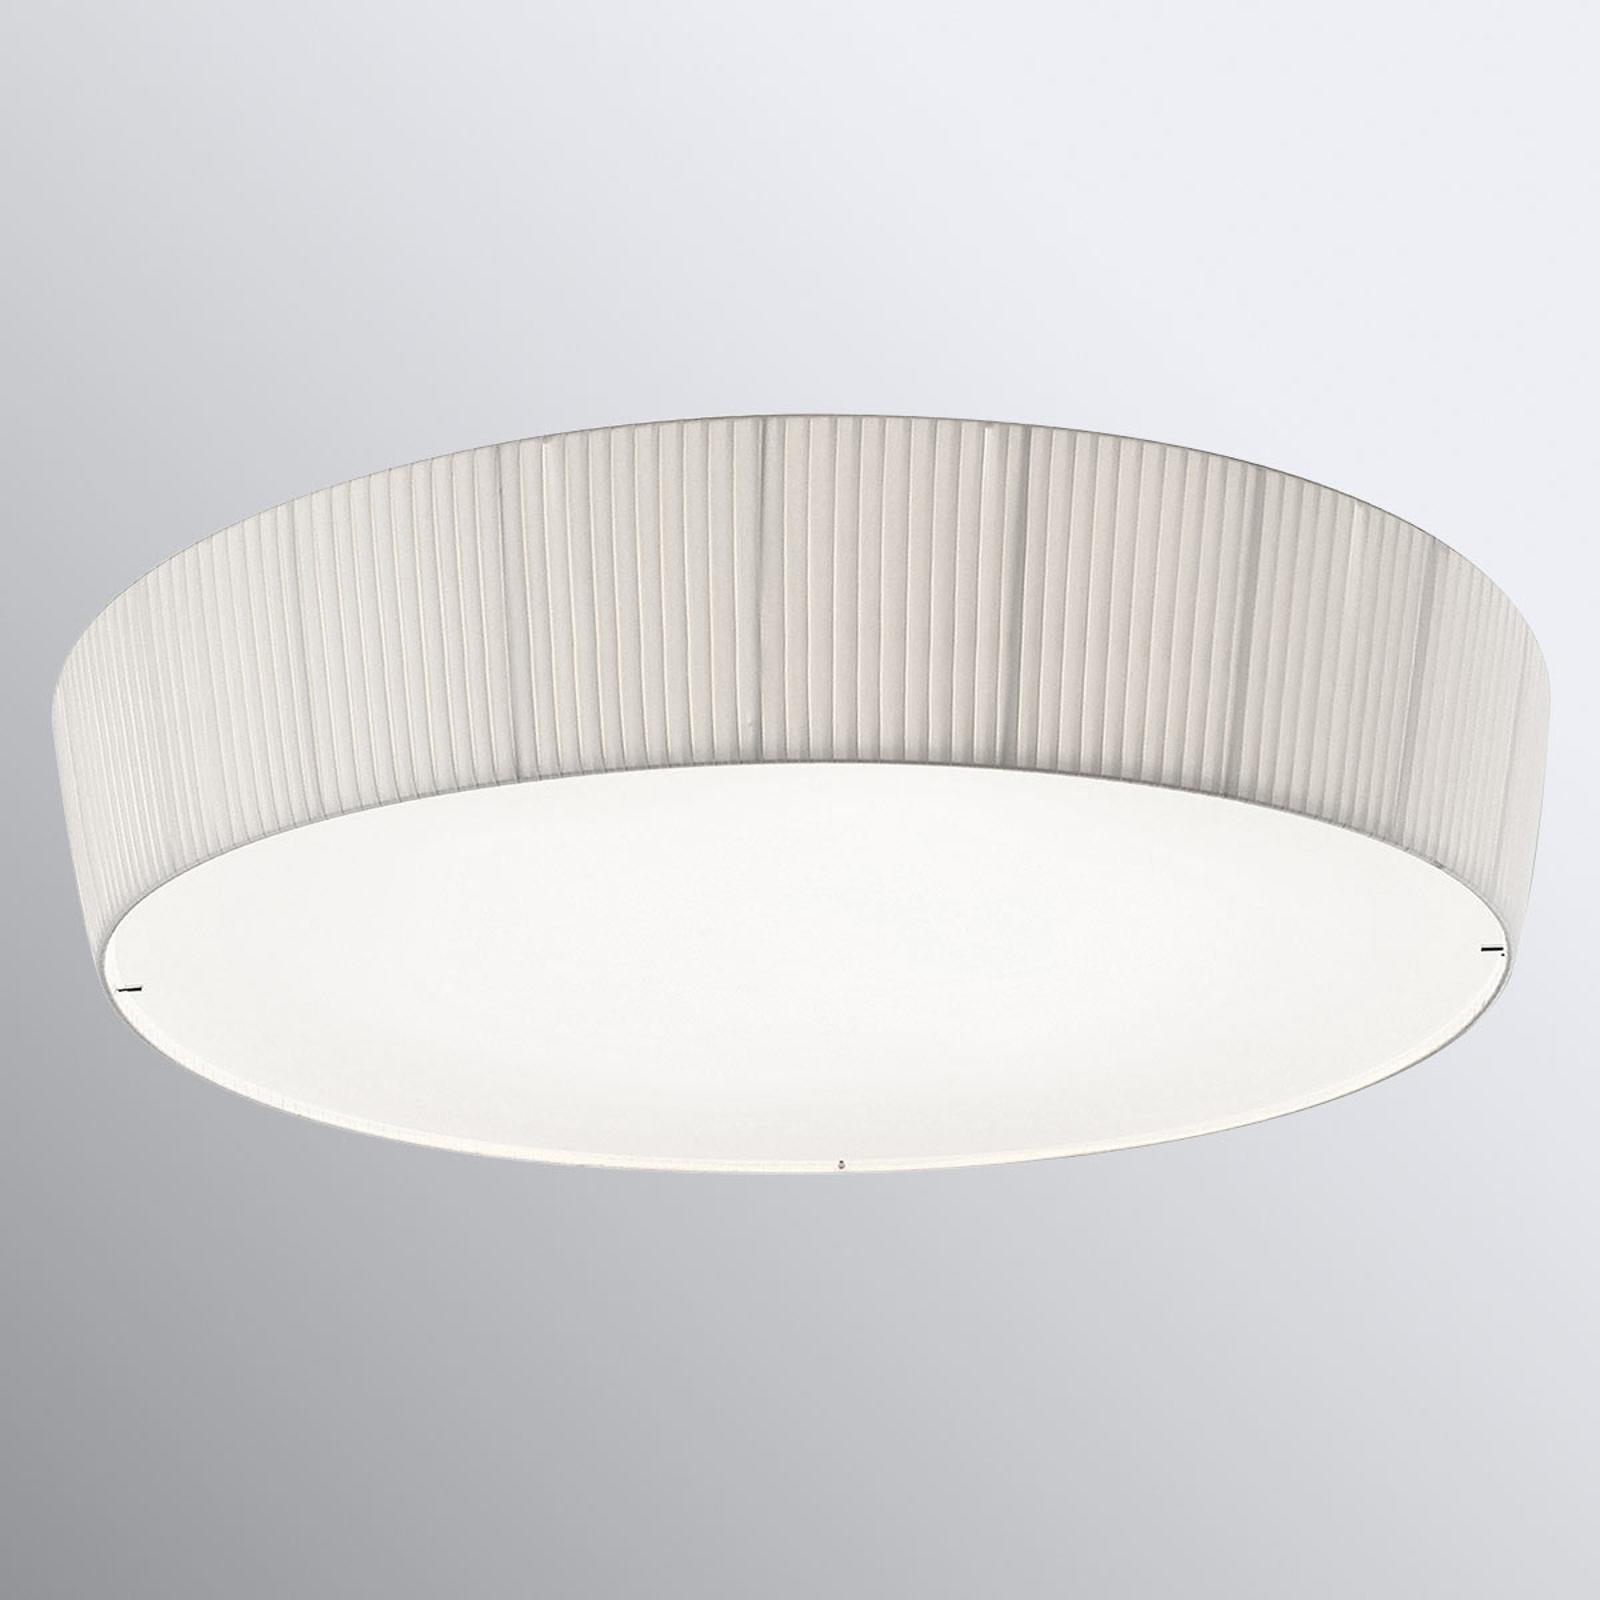 Bover Plafonet 95 - tekstil-taklampe, hvitt bånd